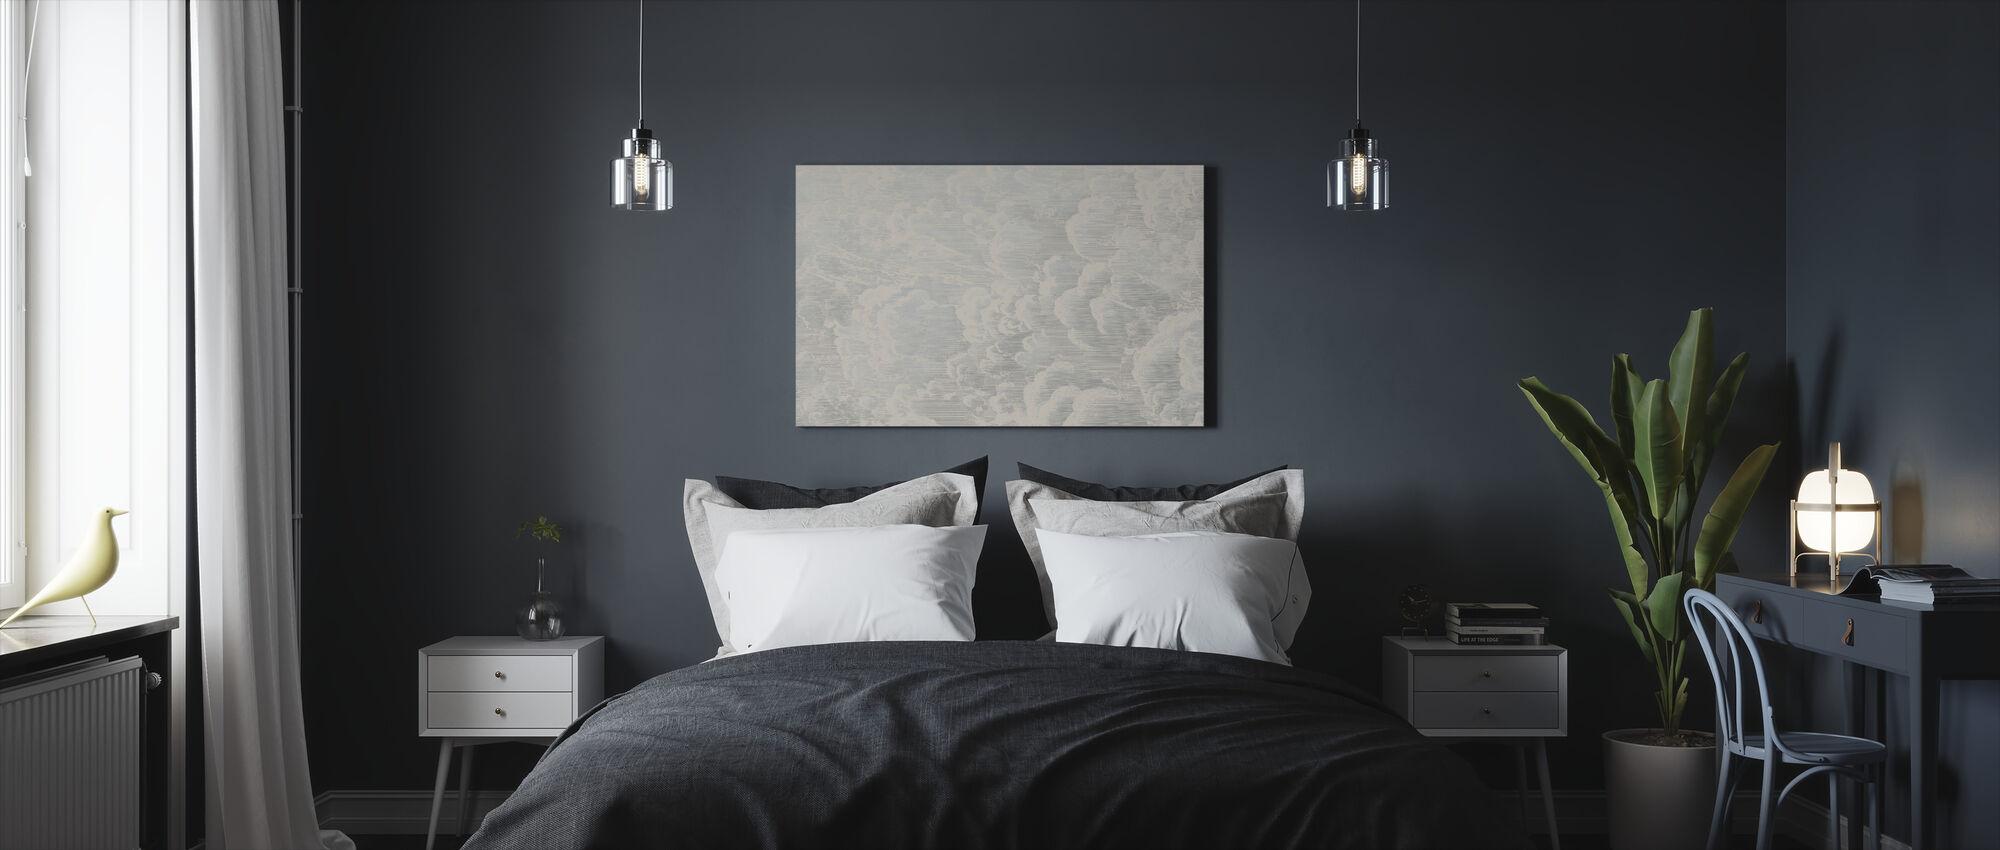 Gewiegd in wolken - Canvas print - Slaapkamer